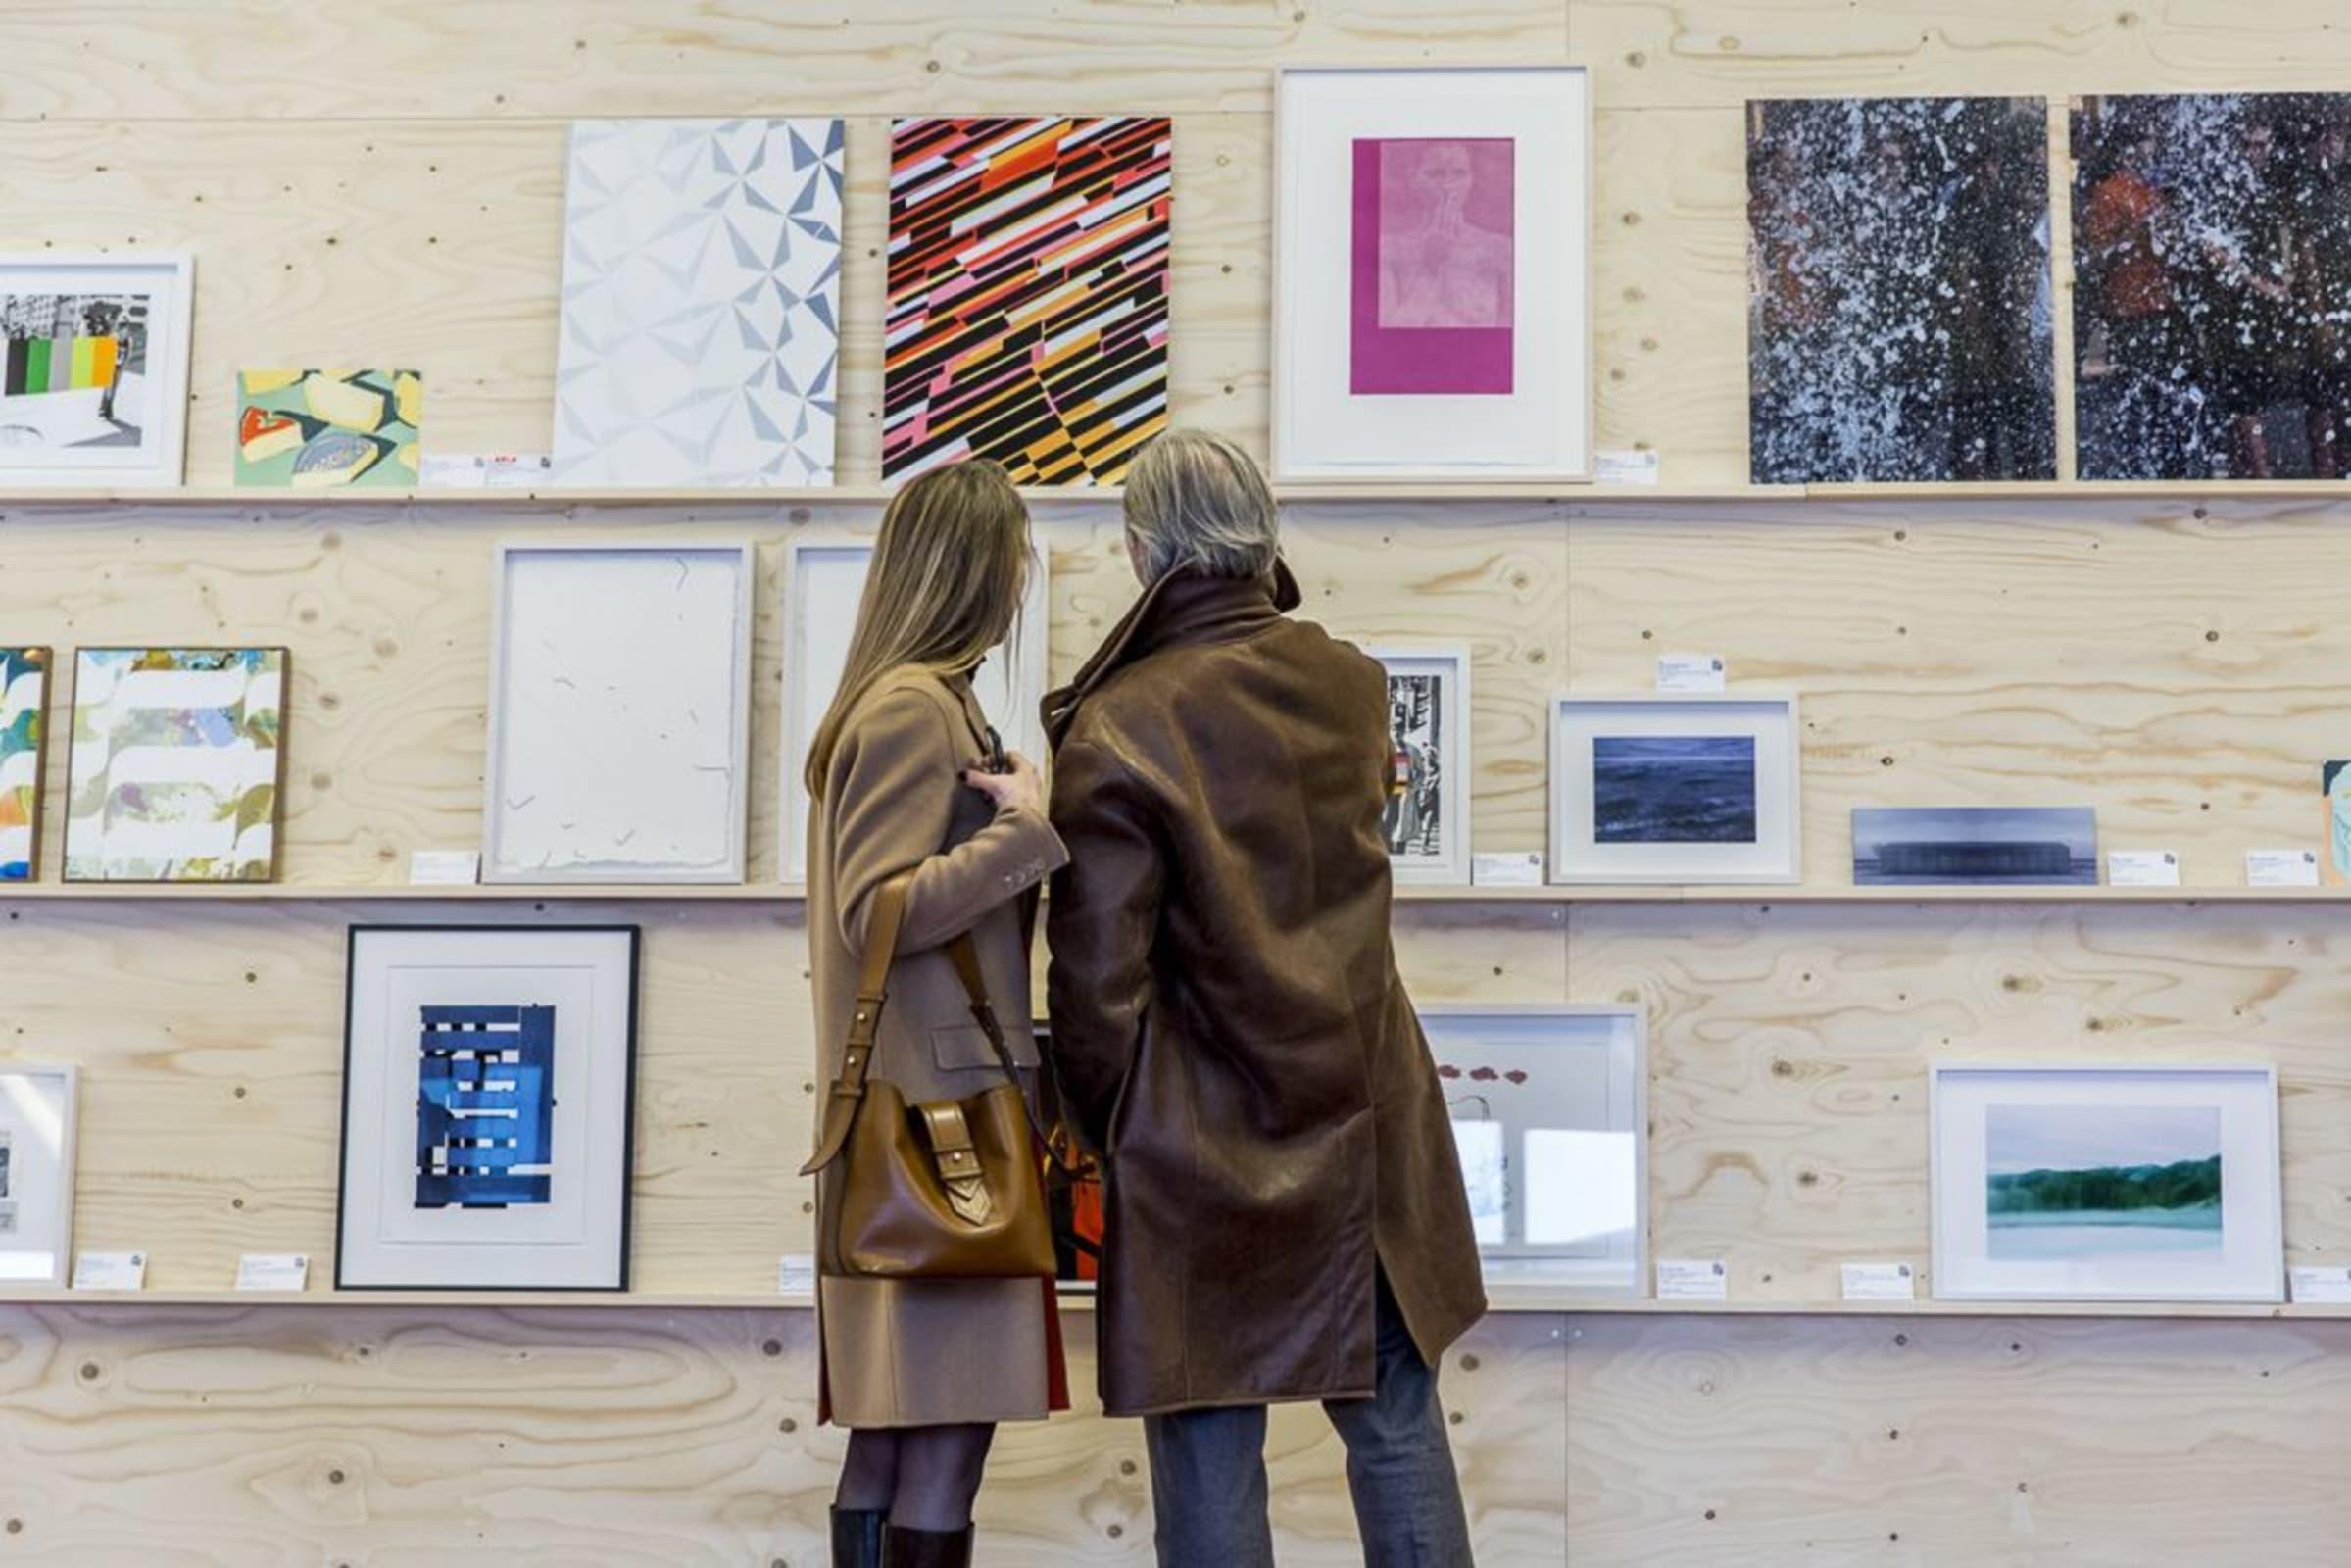 We Like Art @ Art Rotterdam 2019, Heringa / Van Kalsbeek, Maria Roosen, Koen Vermeule, Jasper Hagenaar, Bas van den Hurk,